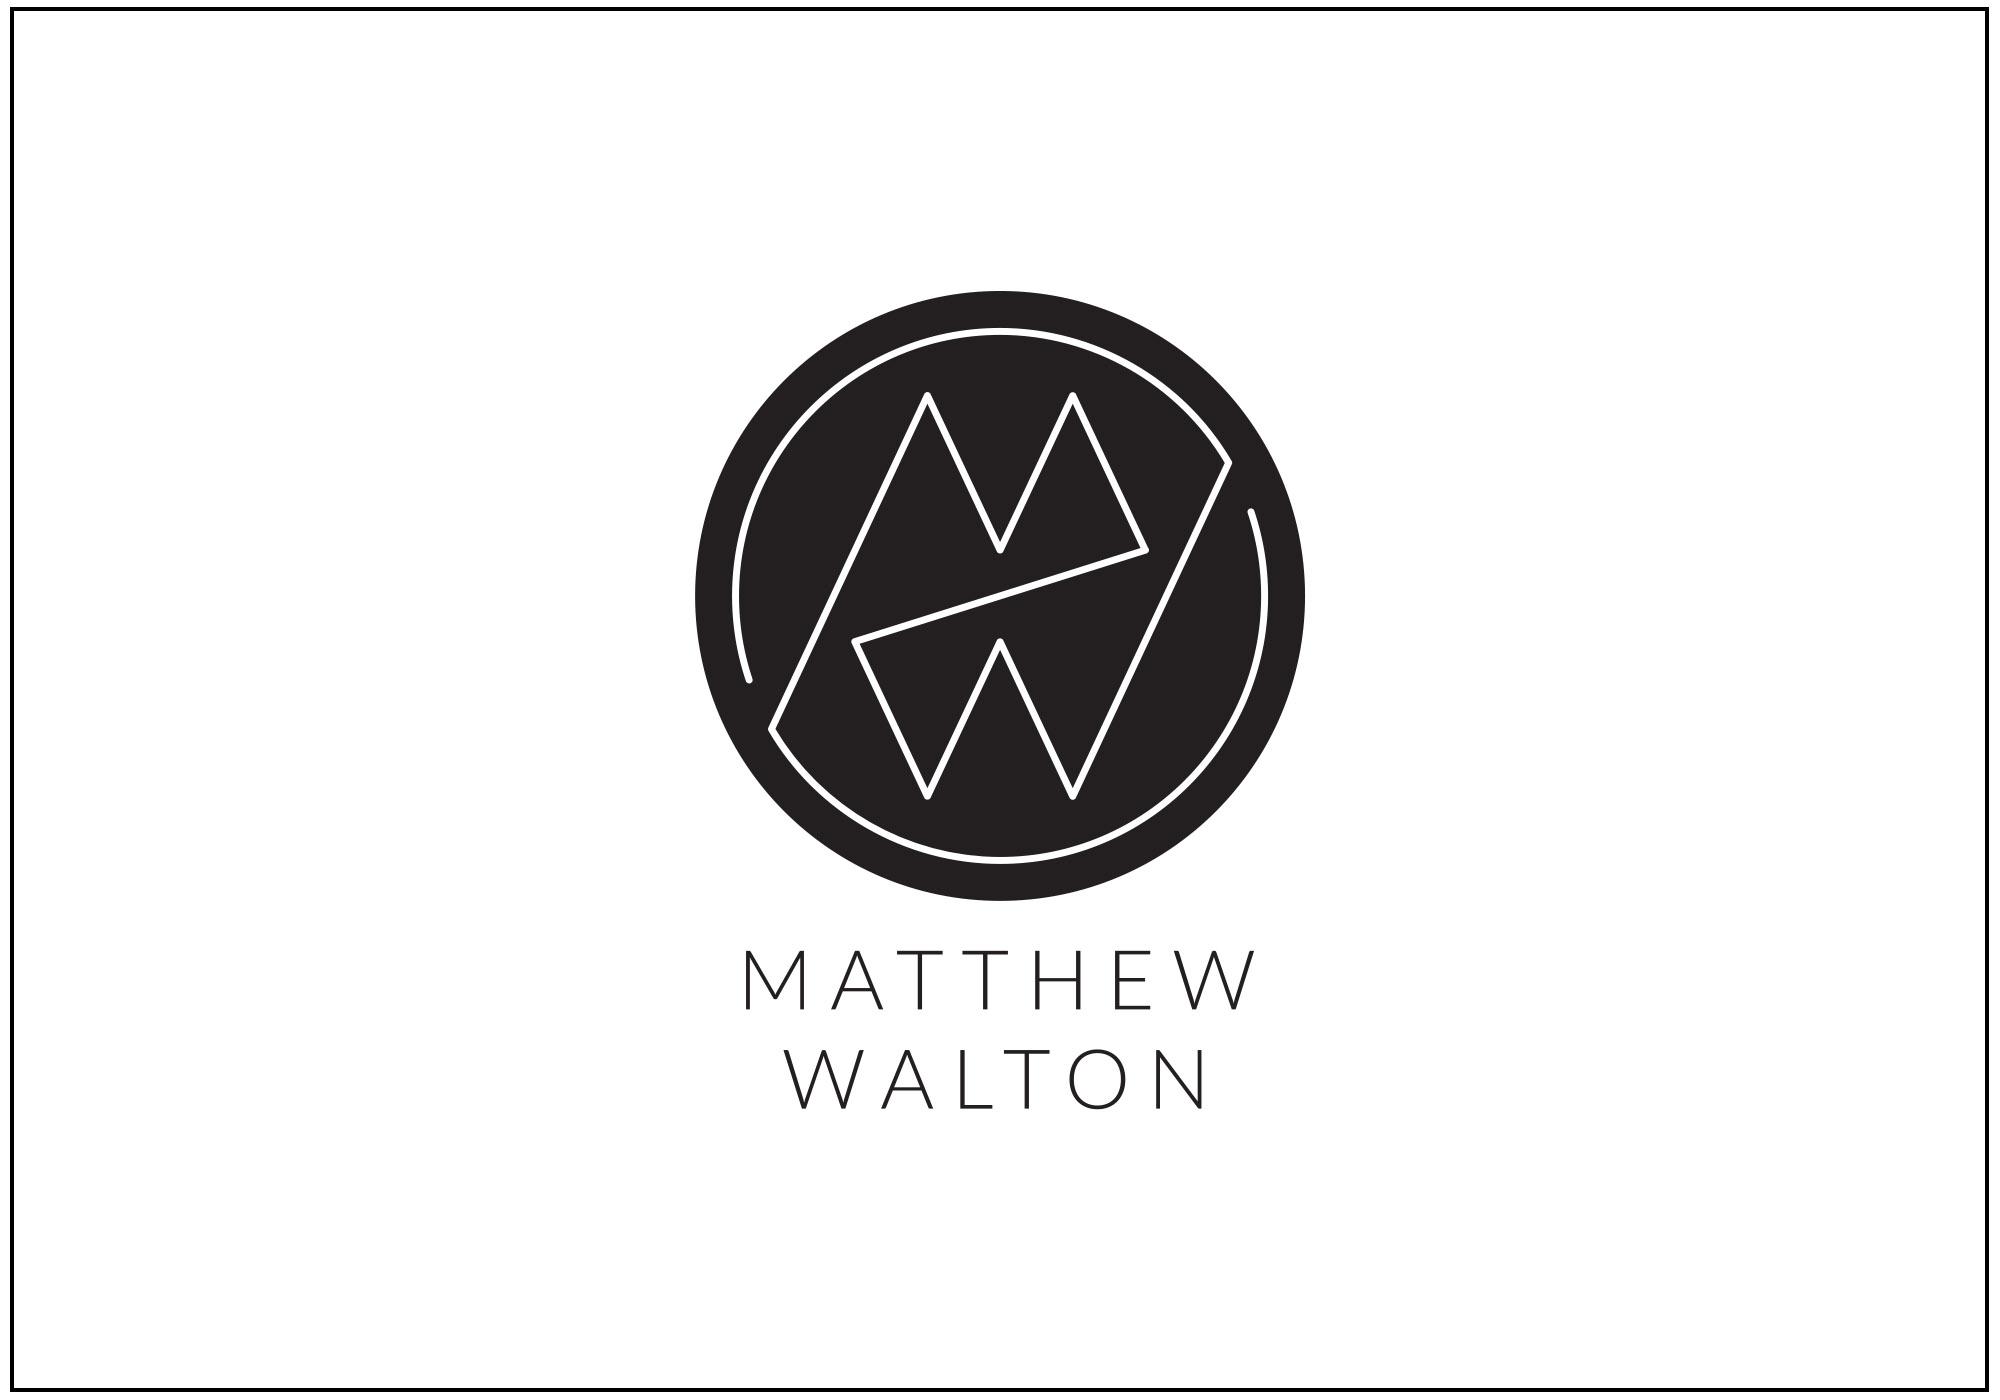 mw_logo_2014_2000px.jpg